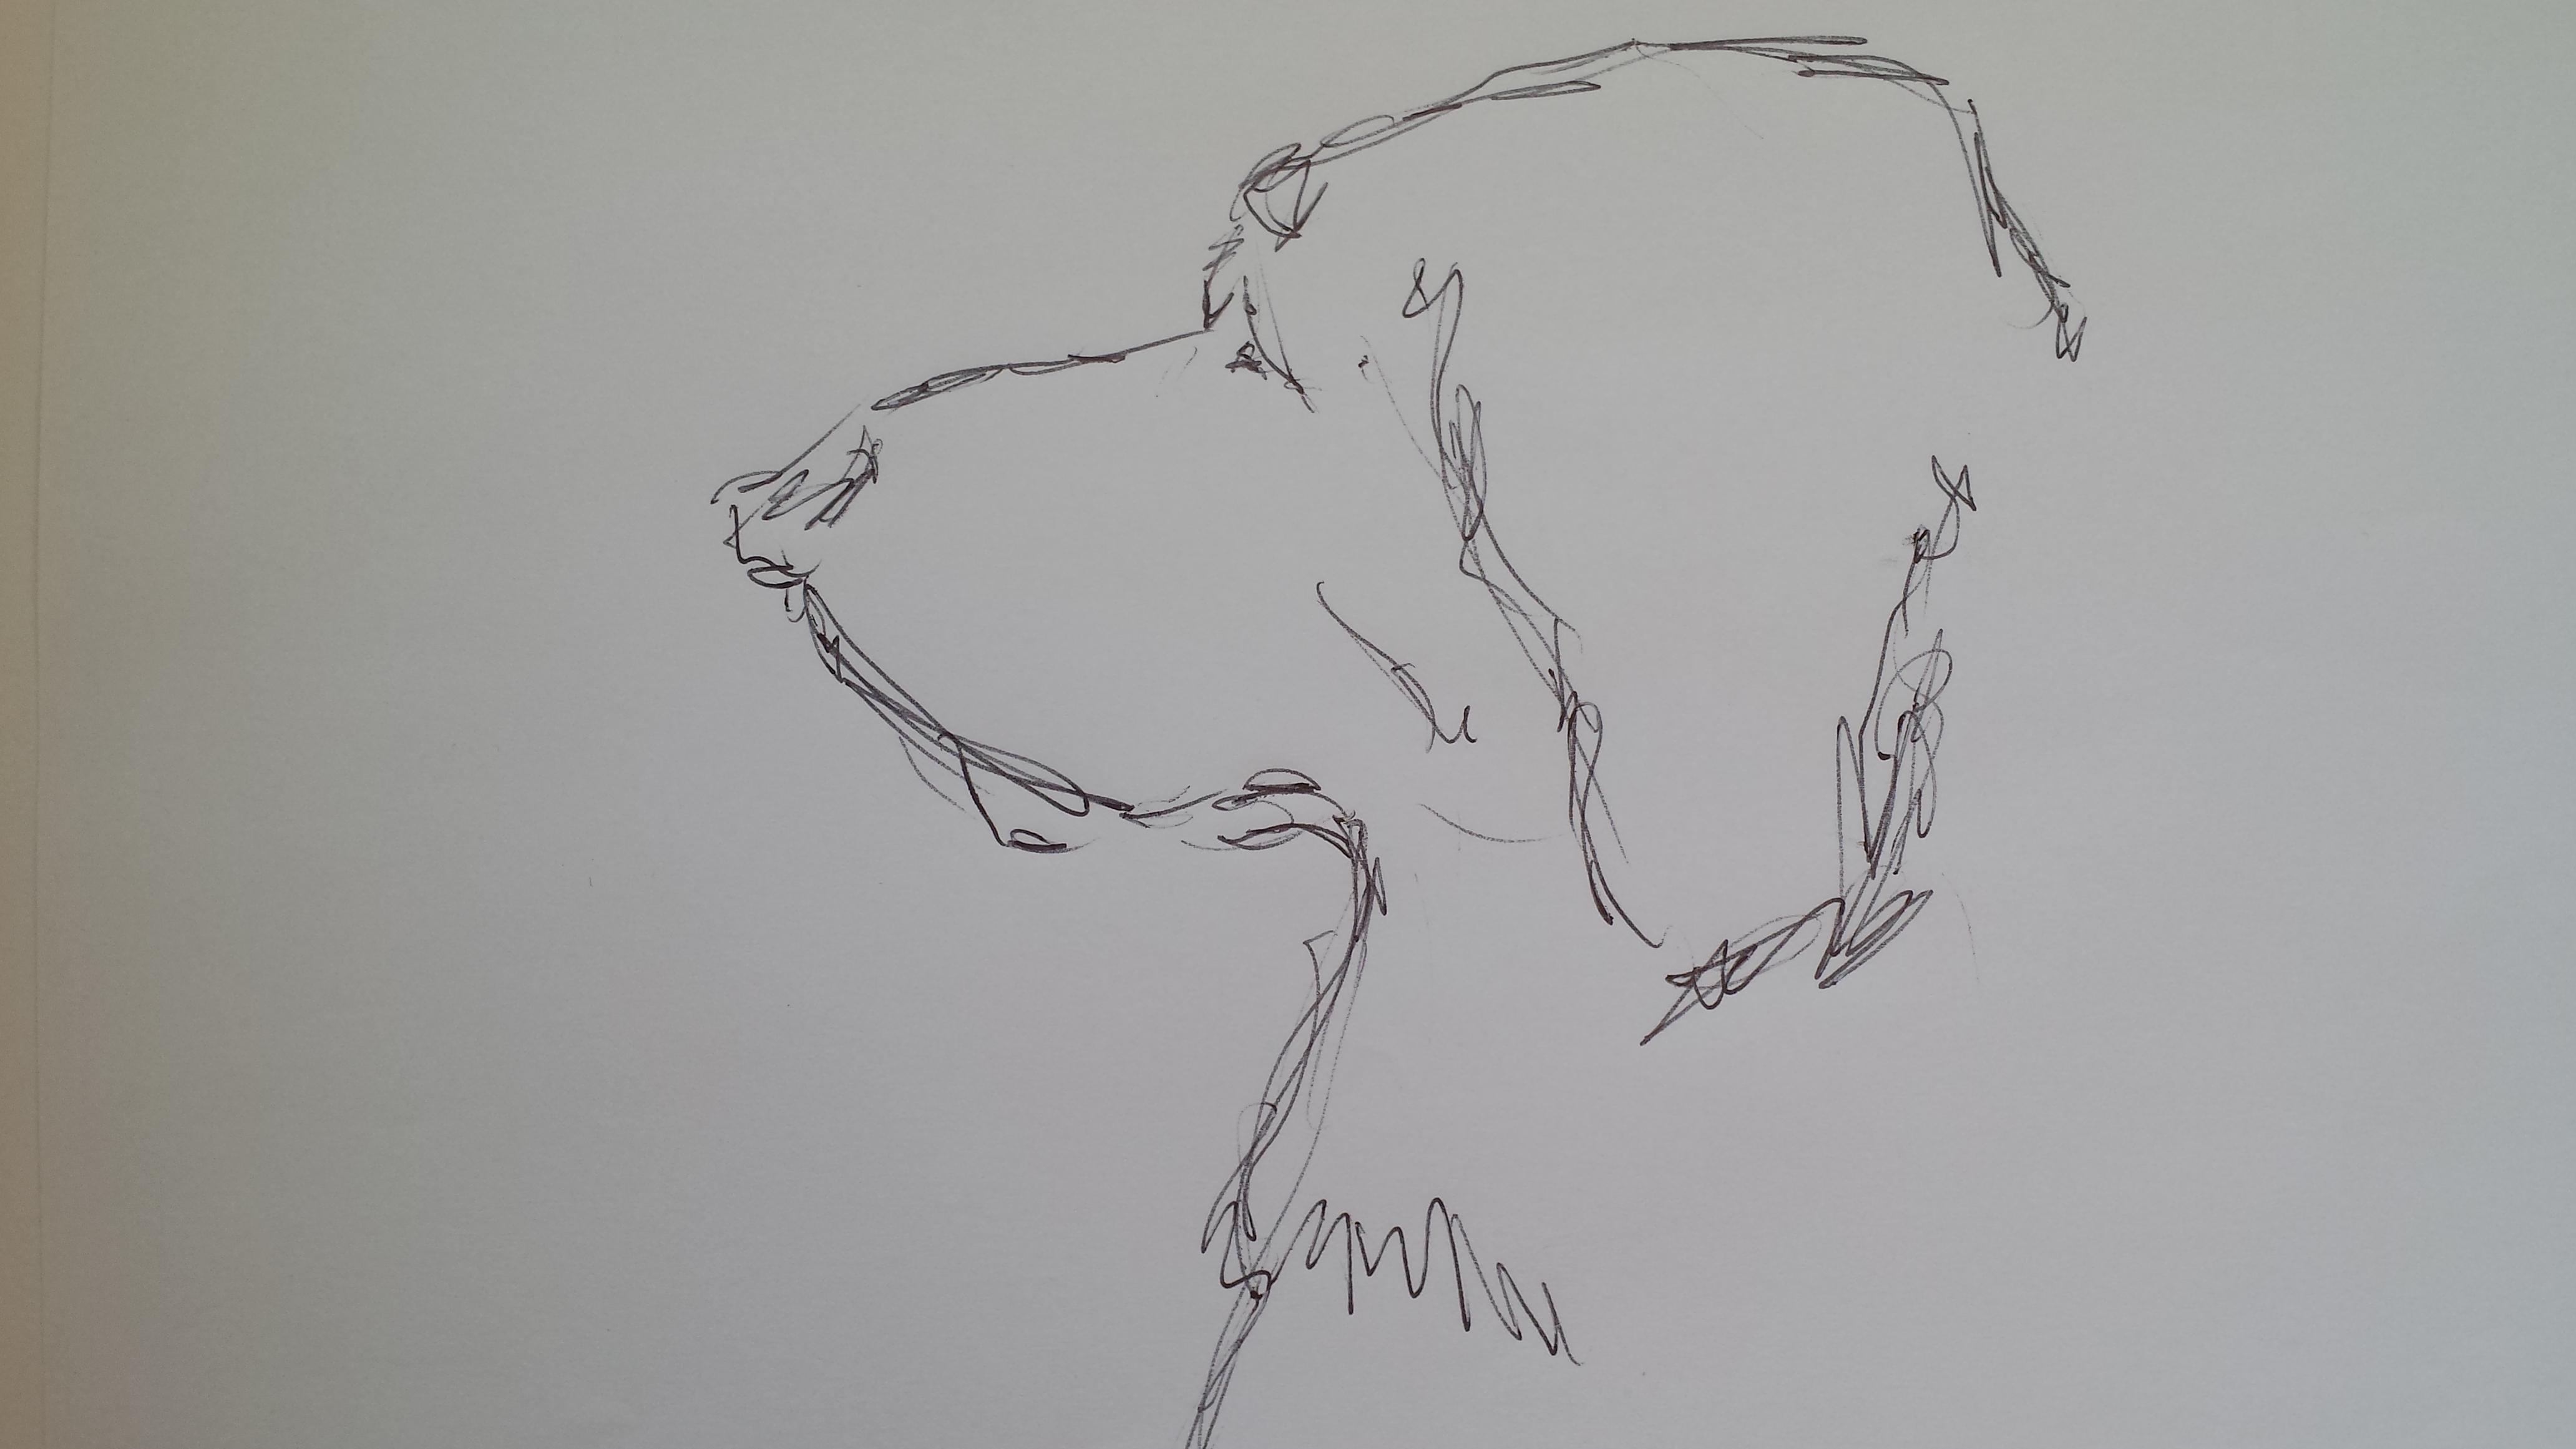 Golden retriever sketch